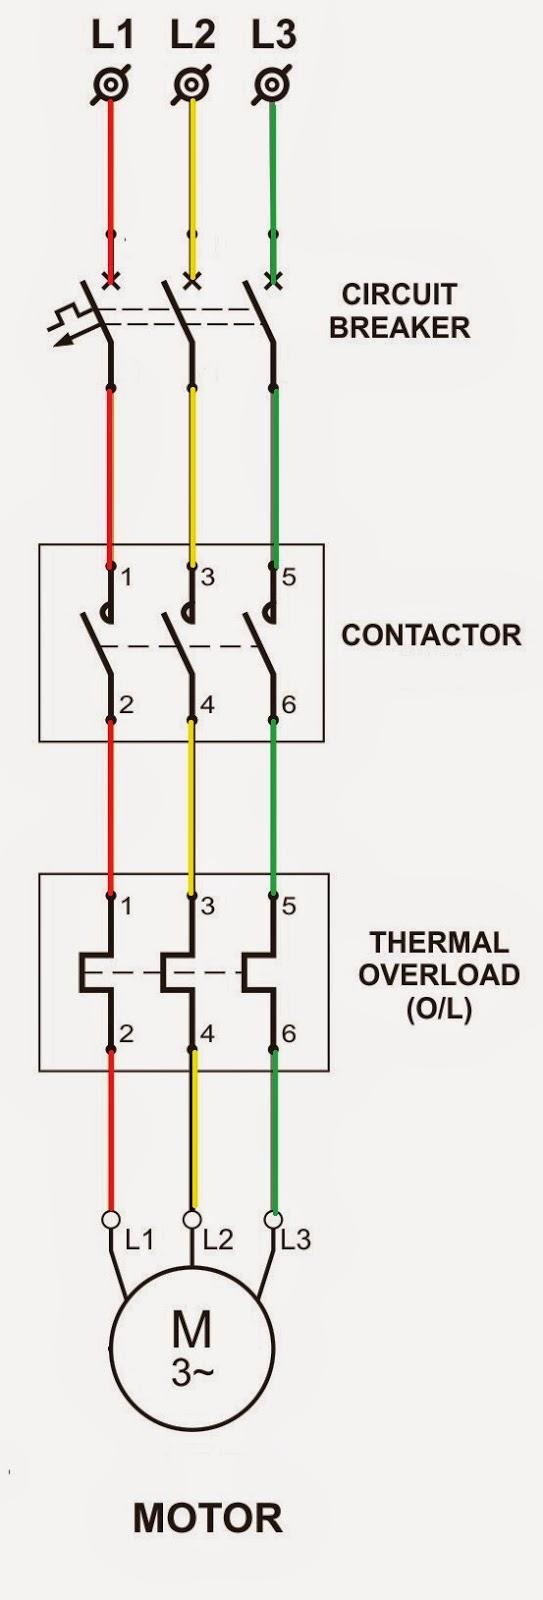 medium resolution of motor starter wiring diagram pdf free wiring diagram motor starter wiring diagram pdf